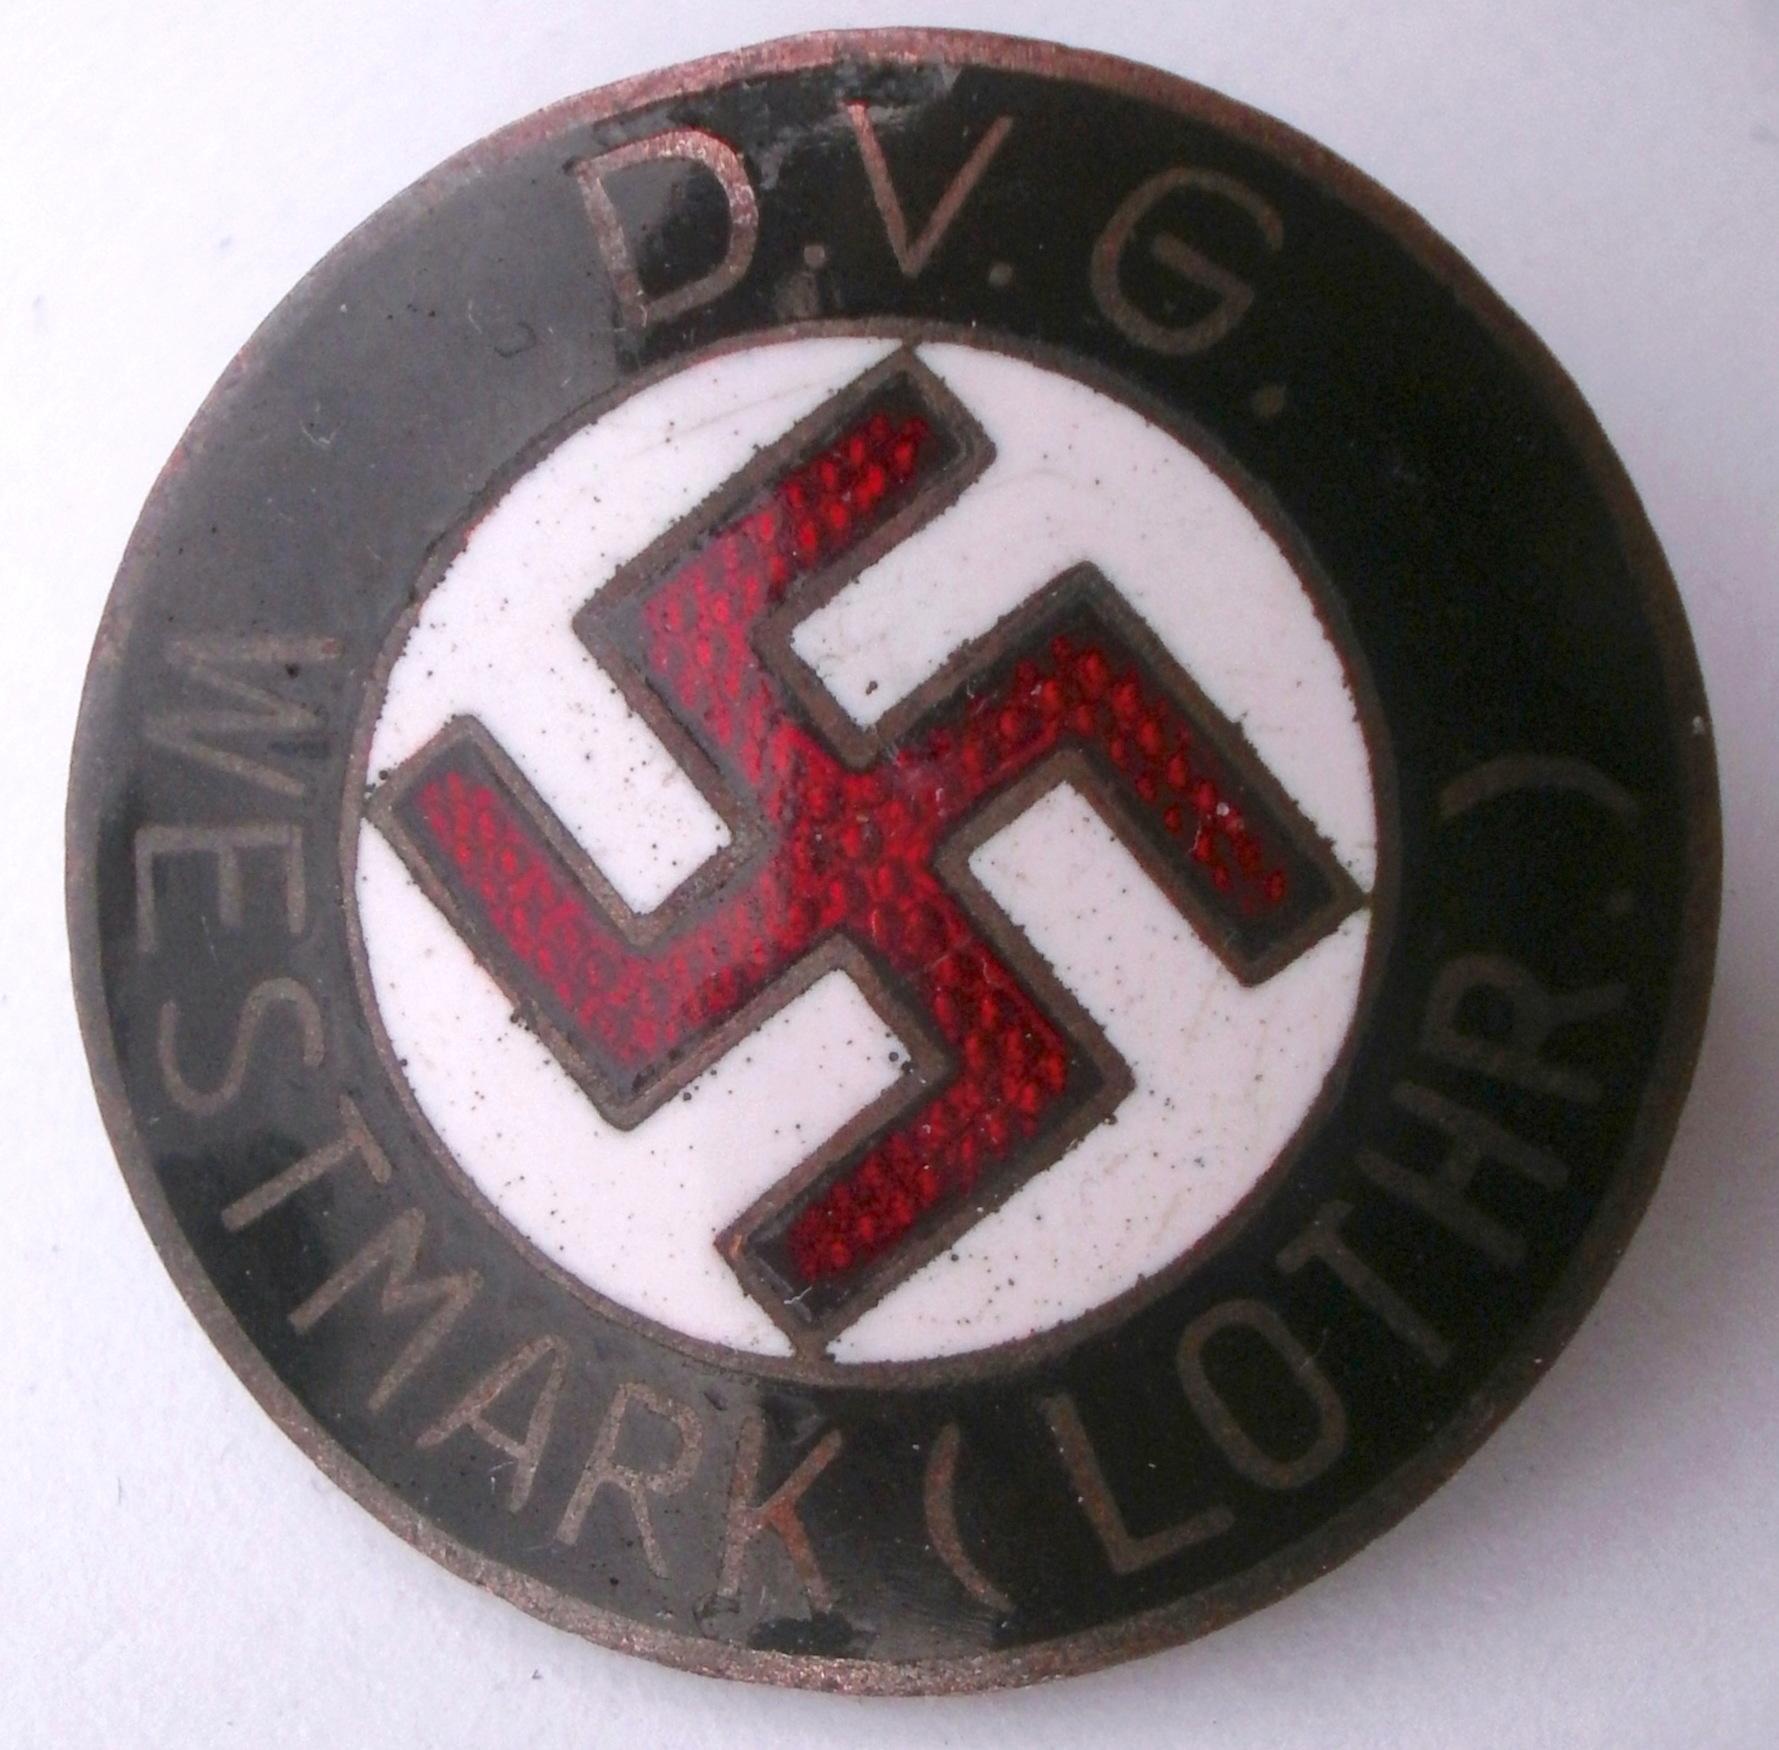 Authentification - Deutsches Volksgemeinschaft Westmark (D.V.G.) Lothringen P5092810